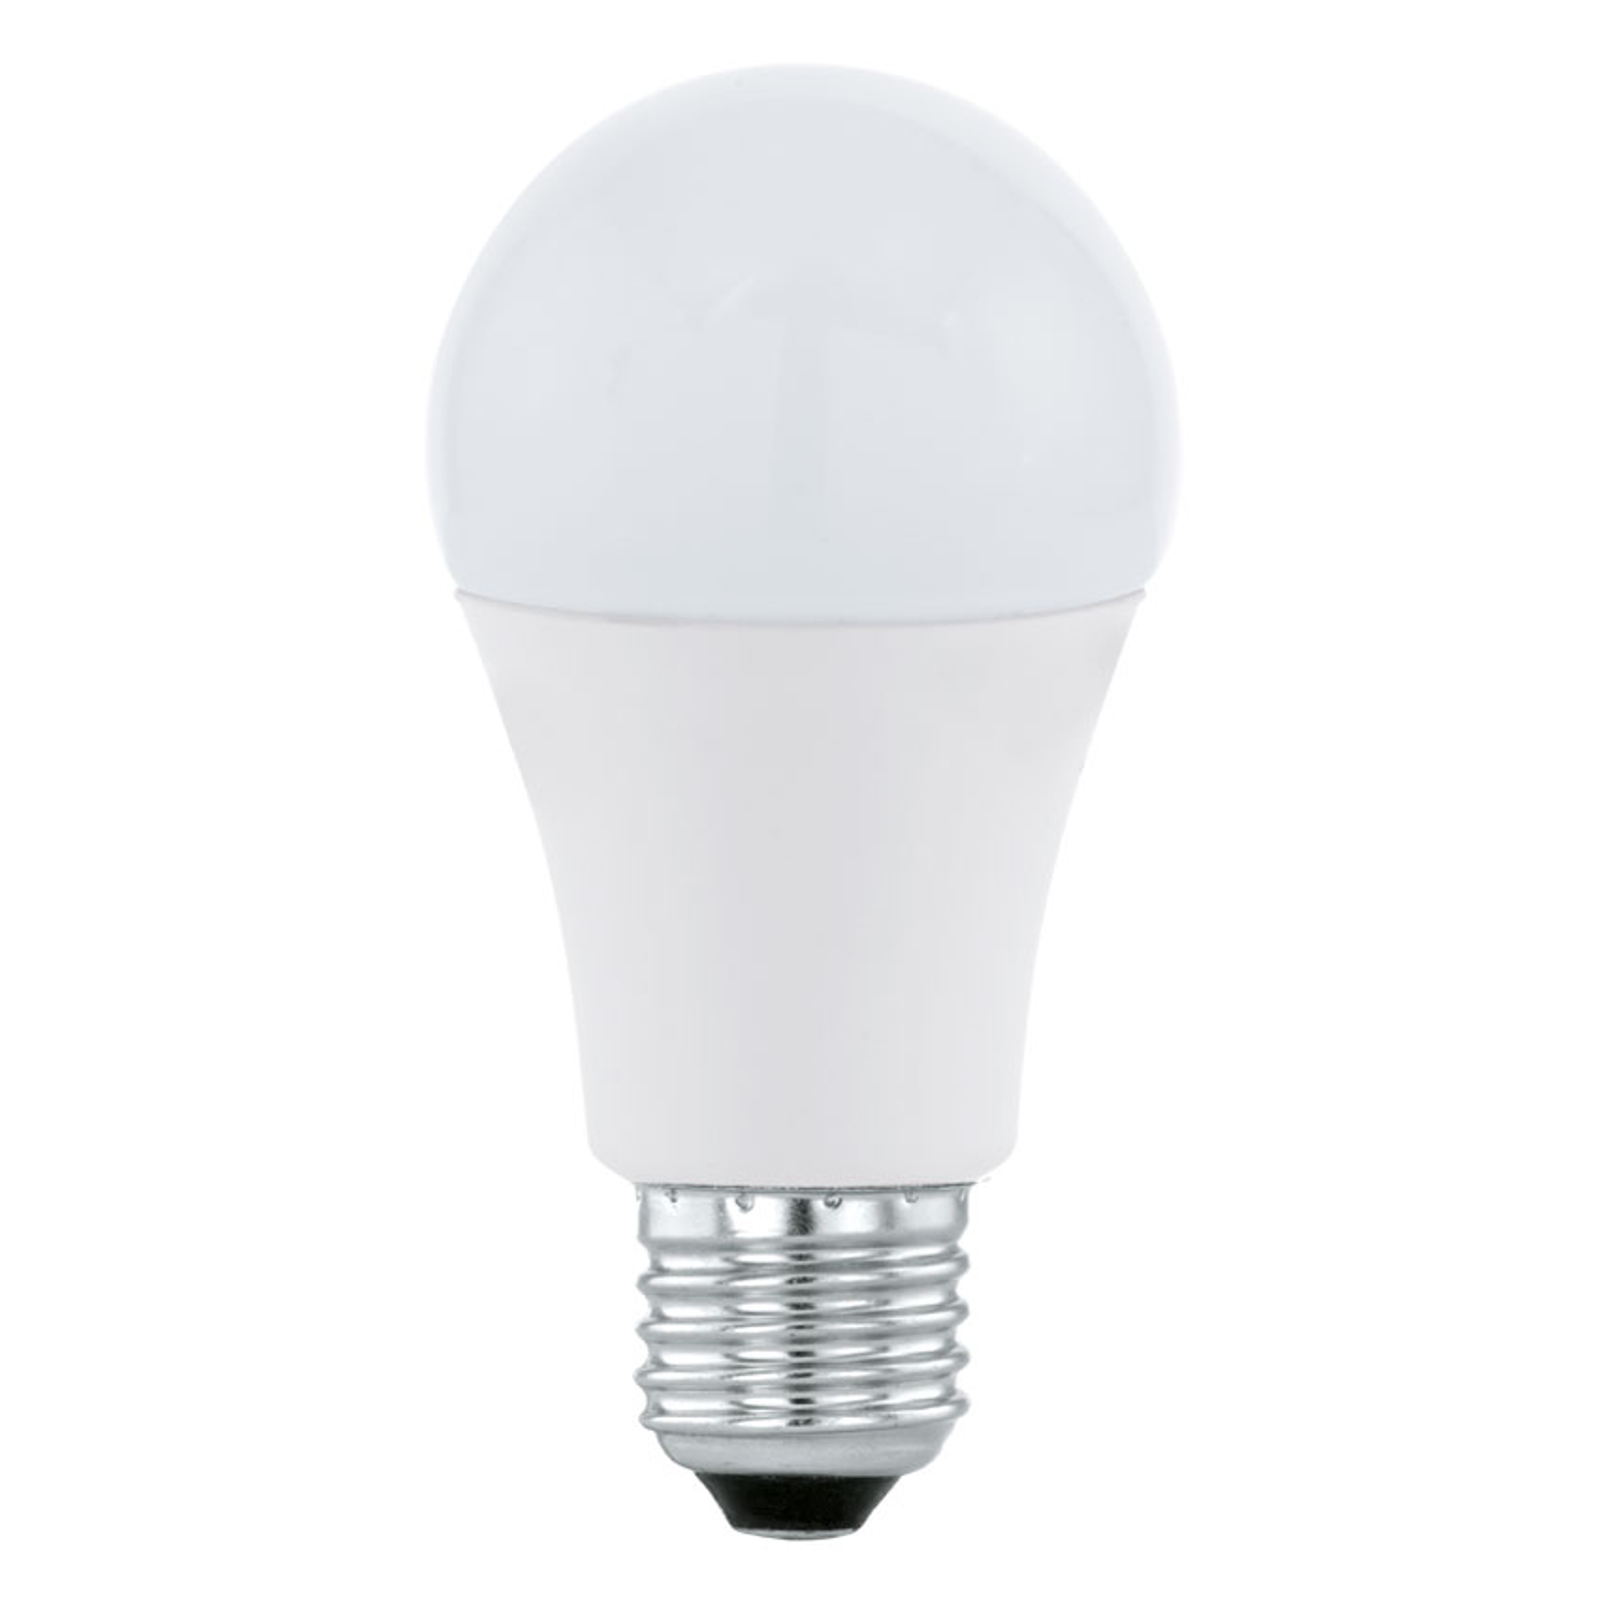 Ampoule LED E27 A60 12W, blanc chaud, opale